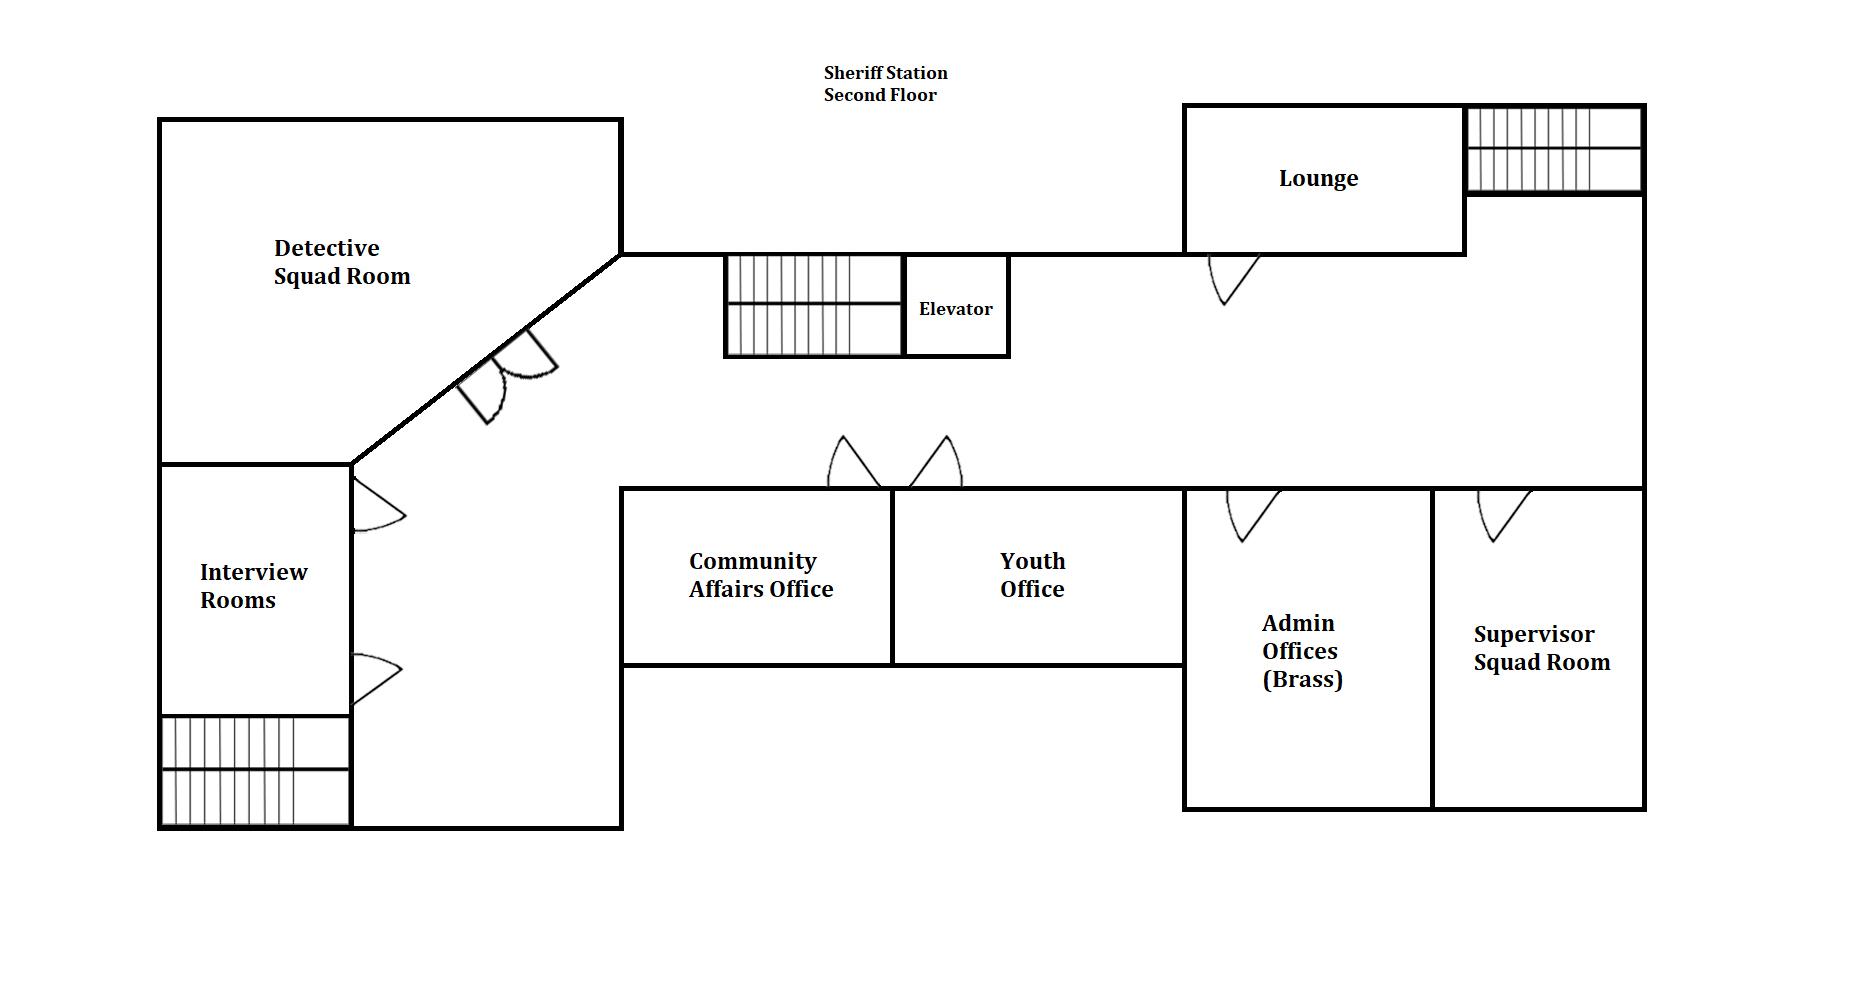 SCSDStation2nd-Floor.jpg